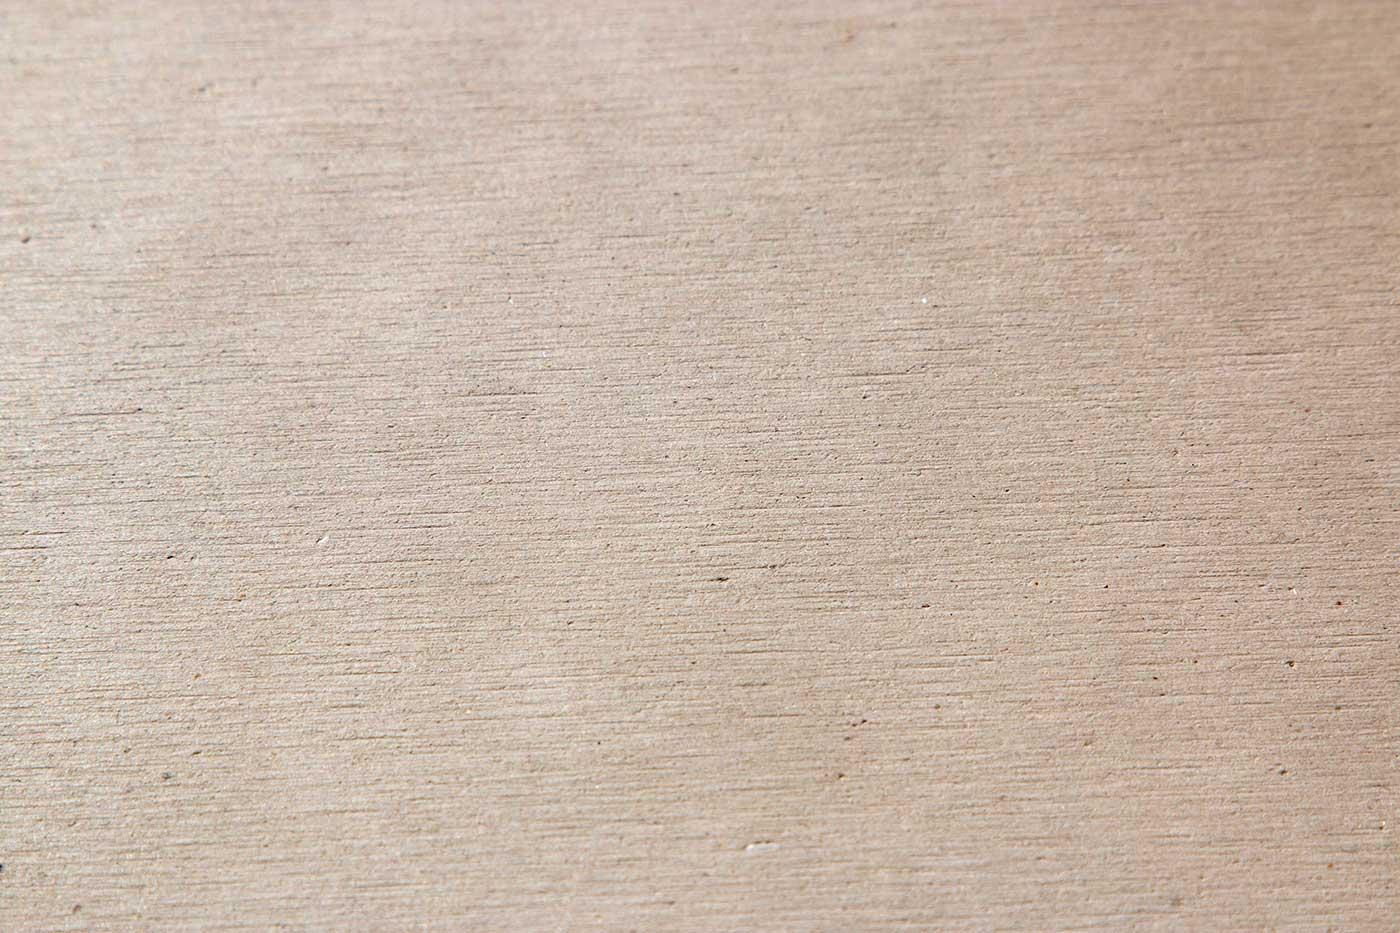 珪藻土バスマットの表面アップ